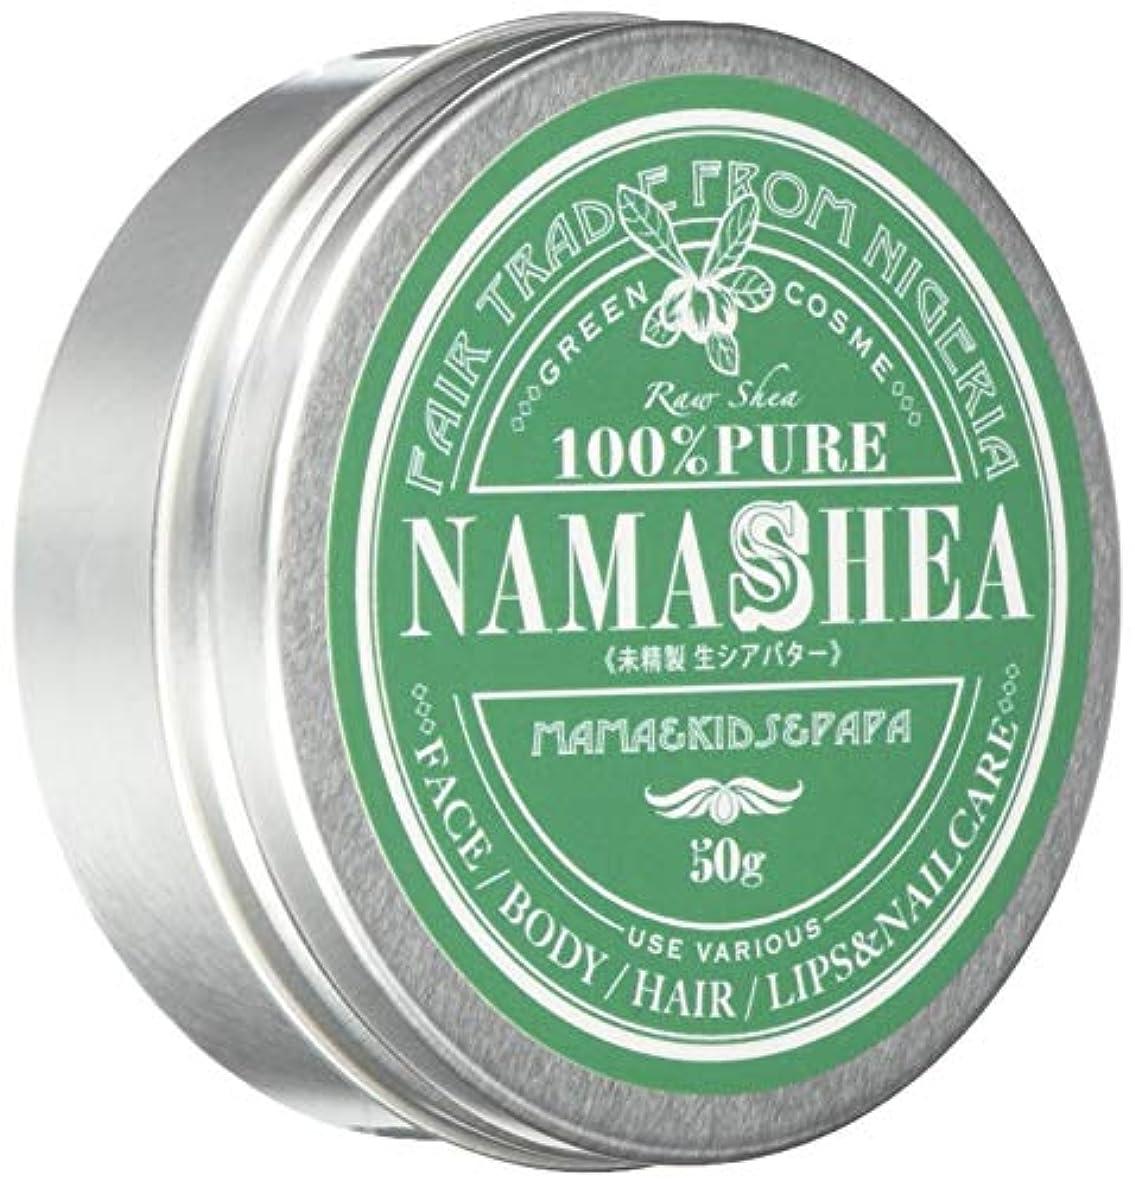 良心的テレビ記念日ナマシア 未精製シアバター